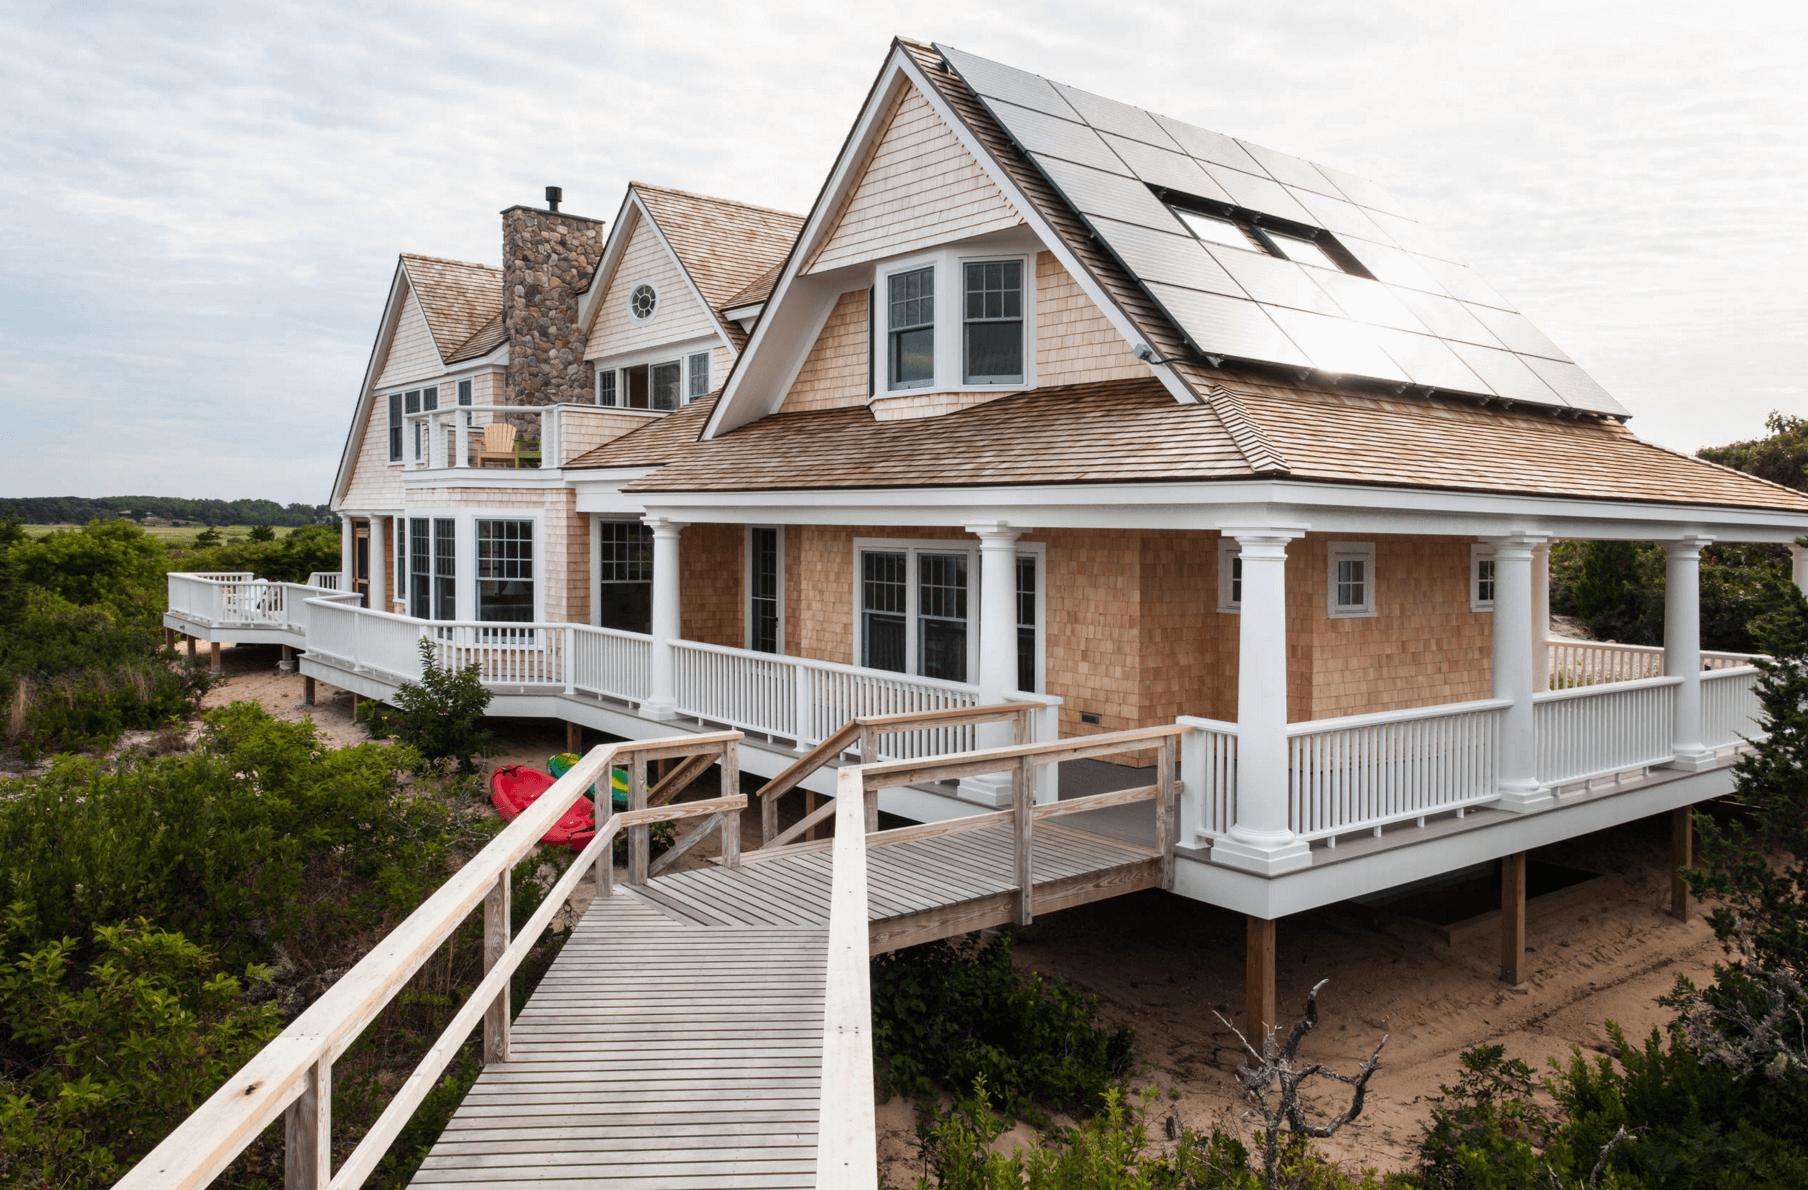 别墅屋顶安装太阳能发电系统需要符合哪些条件?